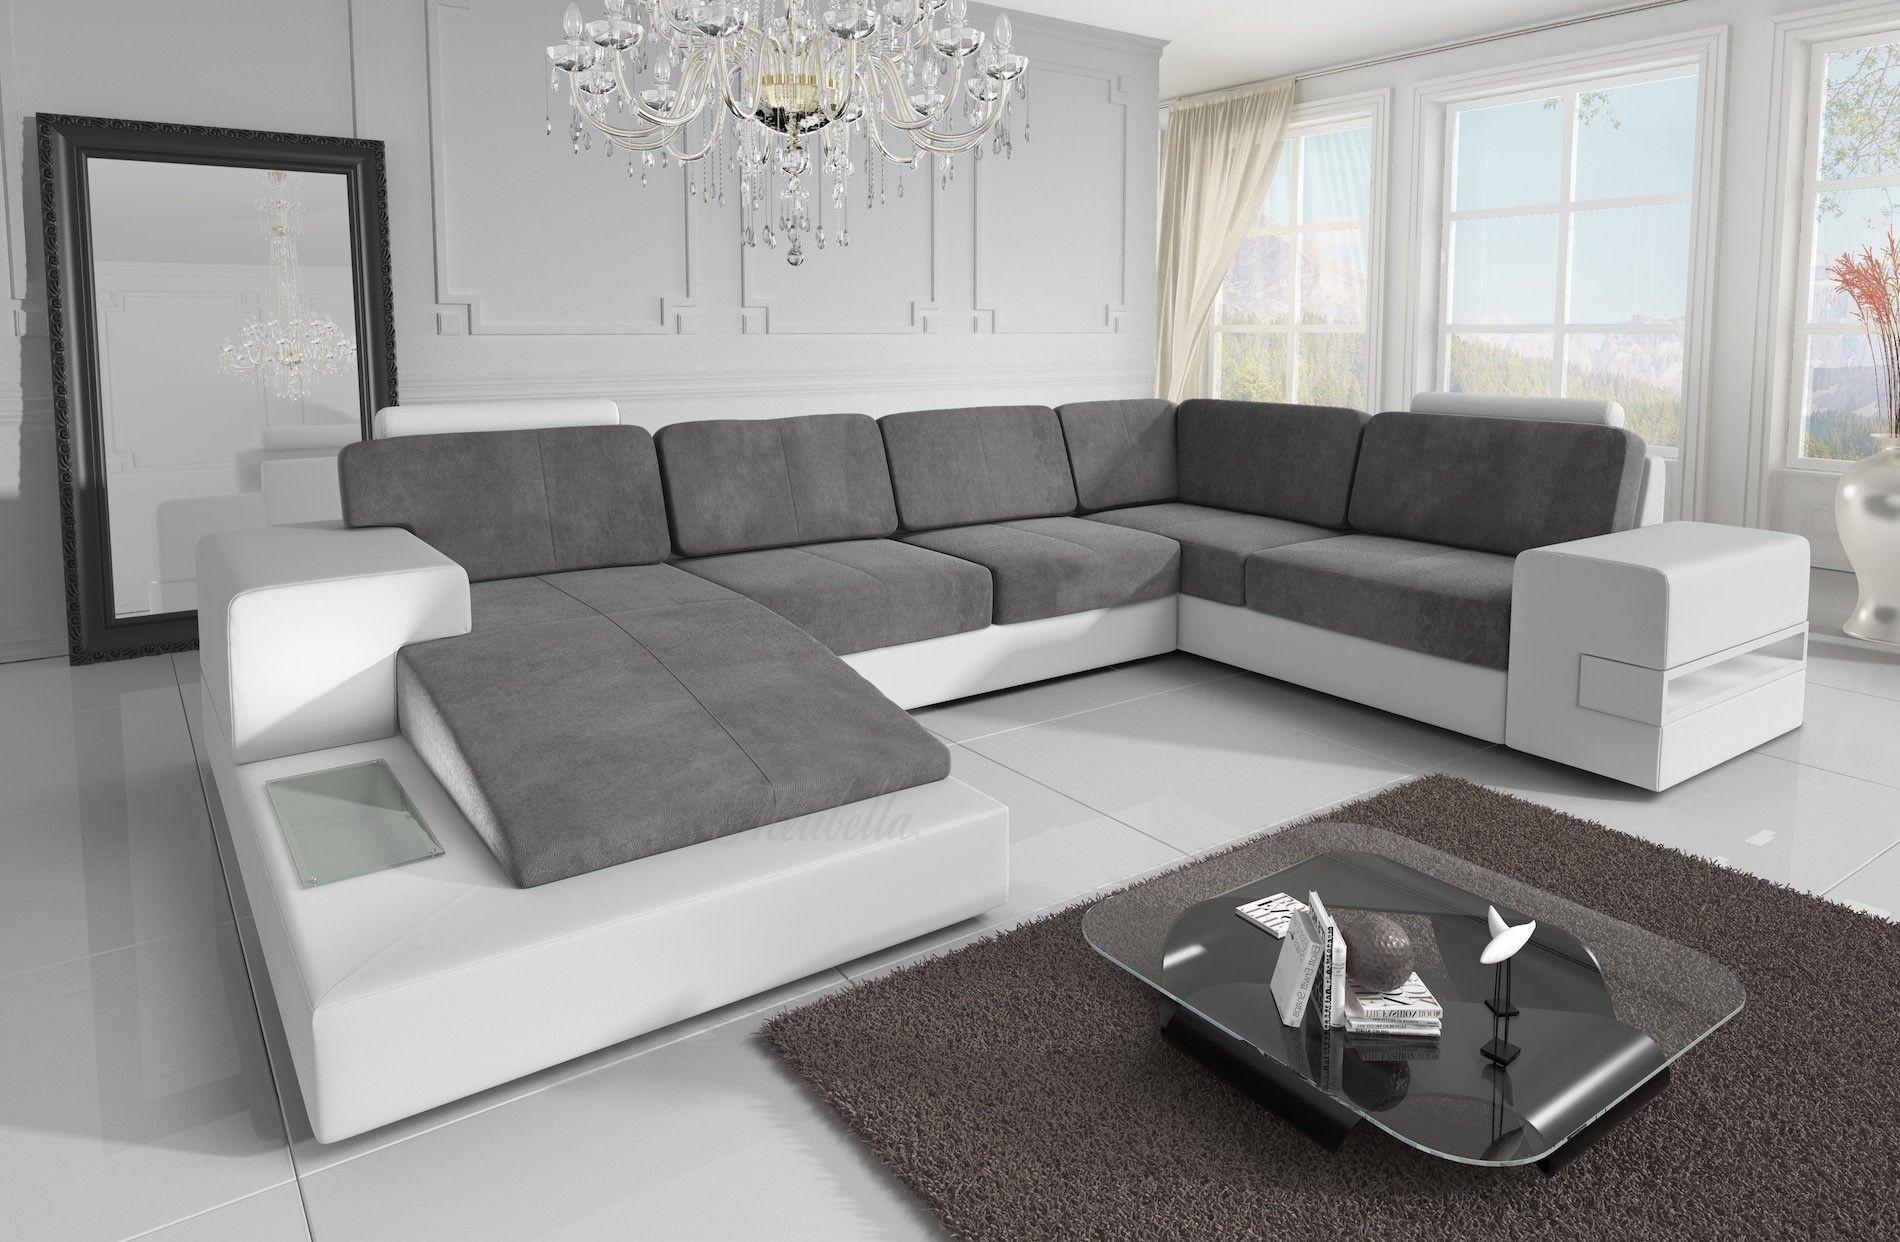 Hoekbank u vorm leer oturma odası tasarımları